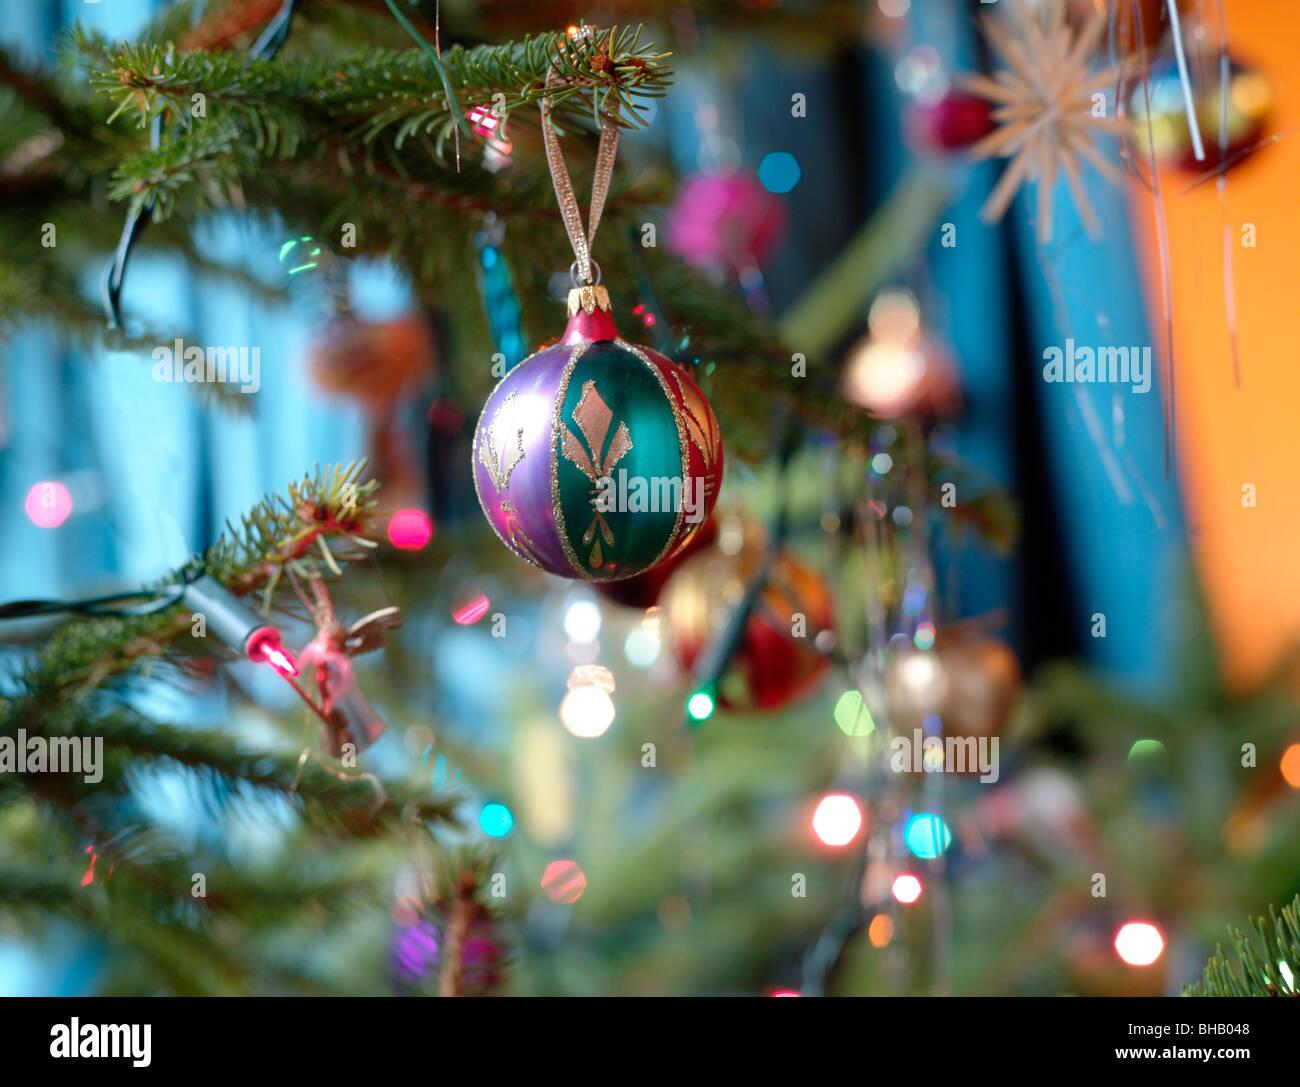 Verschneite Weihnachtsbilder.Weihnachtsbilder Einschließlich Weihnachten Esstische Haustüren